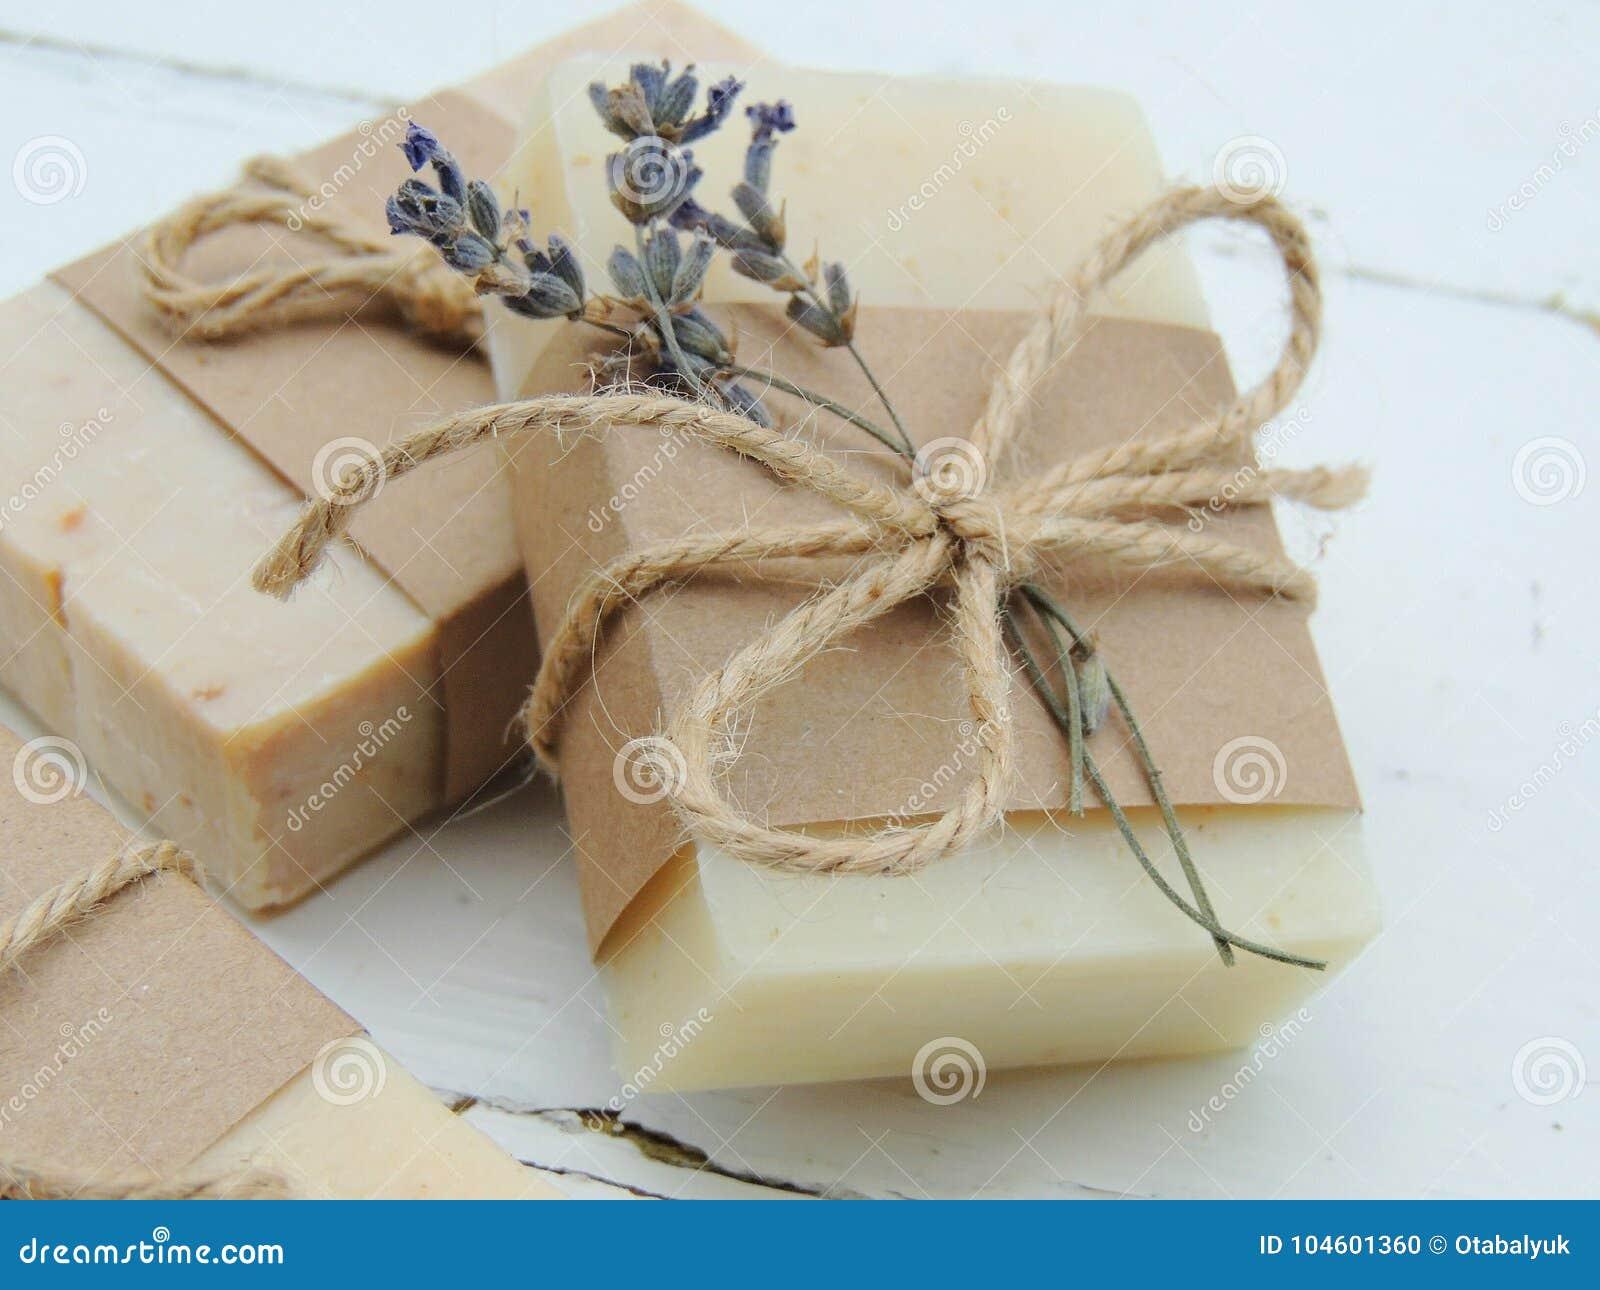 Handmade spa lavender soap on vintage wooden background. Soap making. Soap bars.